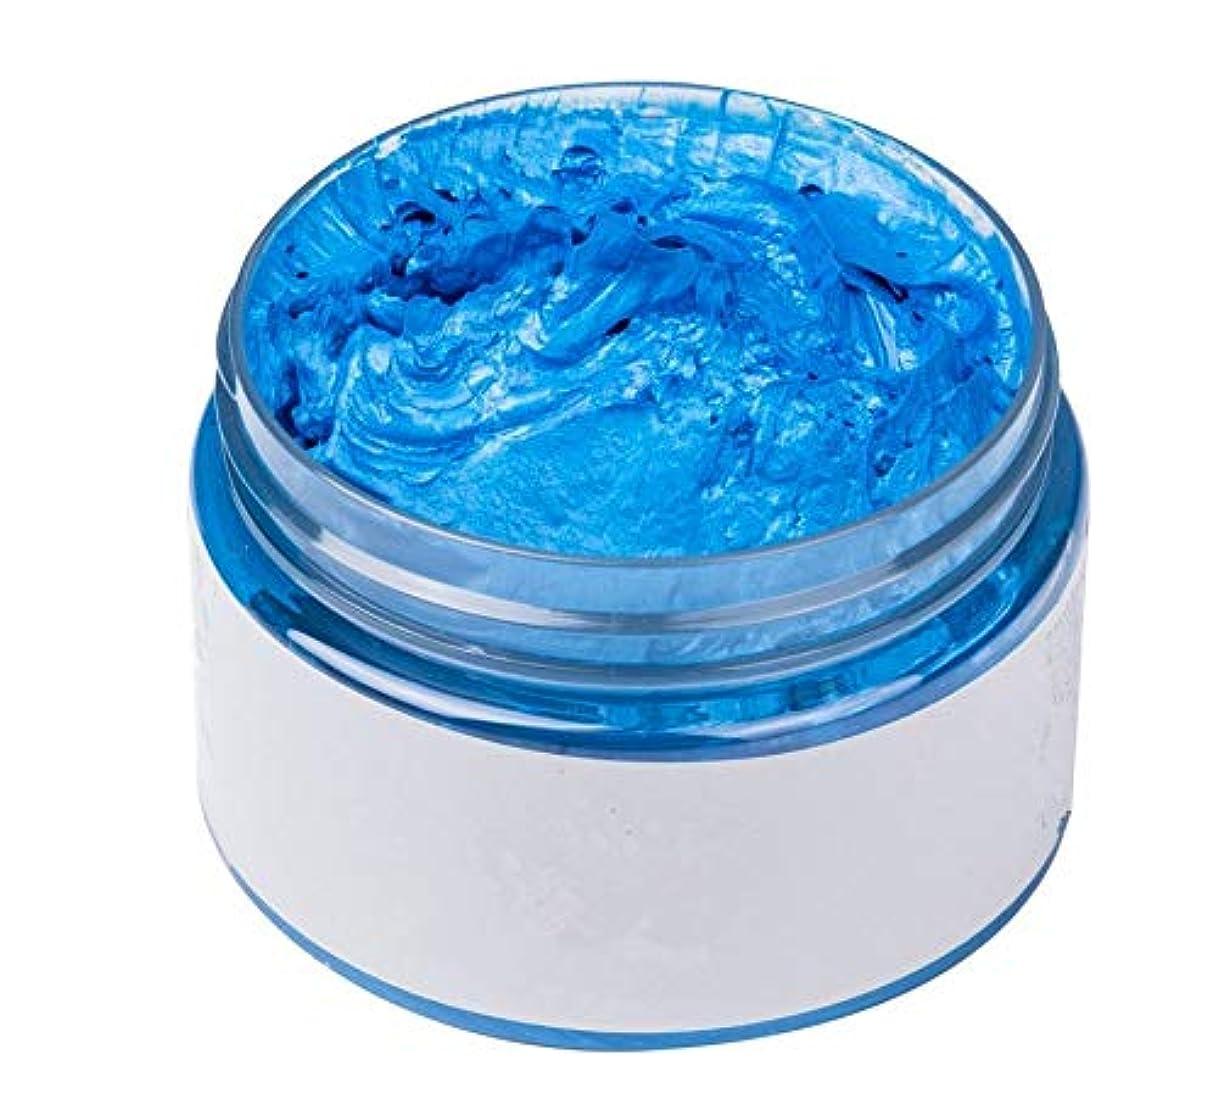 貝殻エレクトロニック同盟カルドール ワックス カラーバター ワンタイムヘアカラーの泥 ヘアクリーム 120g カラーリング ヘアトリートメント 全7色 (ブルー)